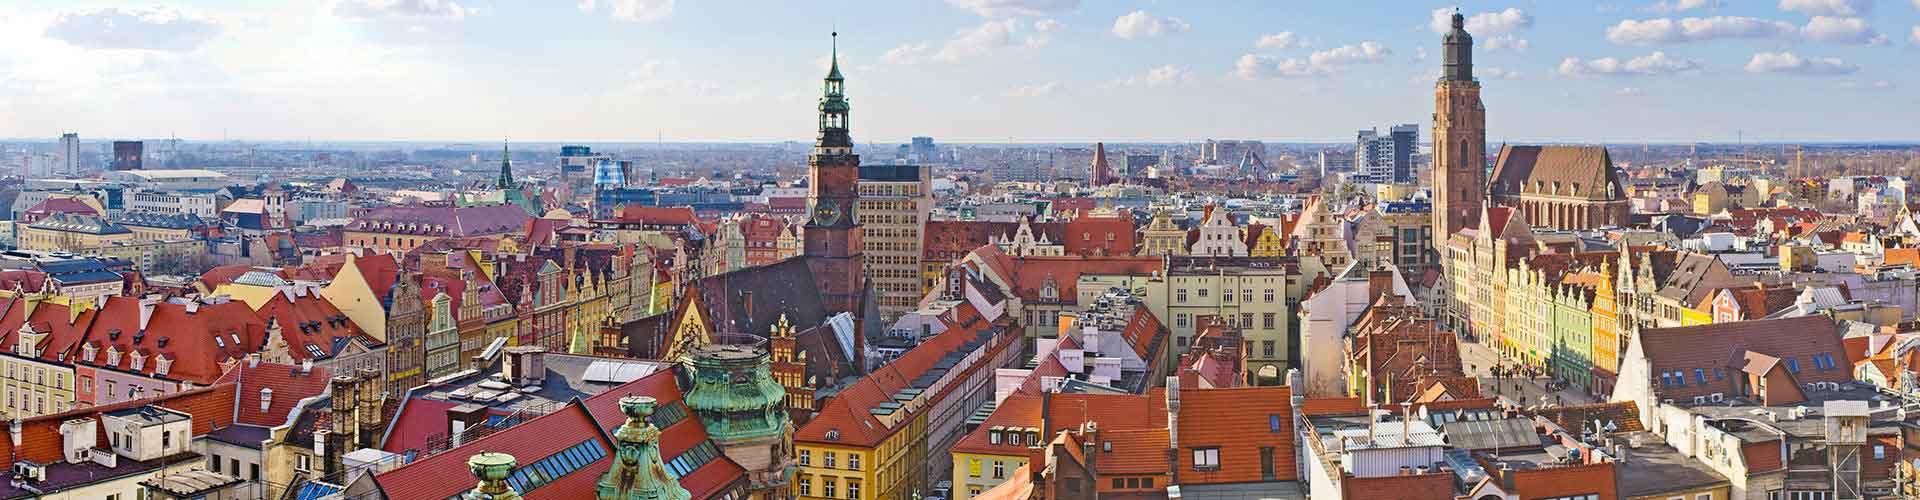 Wroclaw – Hostels in Wroclaw. Wroclaw auf der Karte. Fotos und Bewertungen für jedes Hostel in Wroclaw.